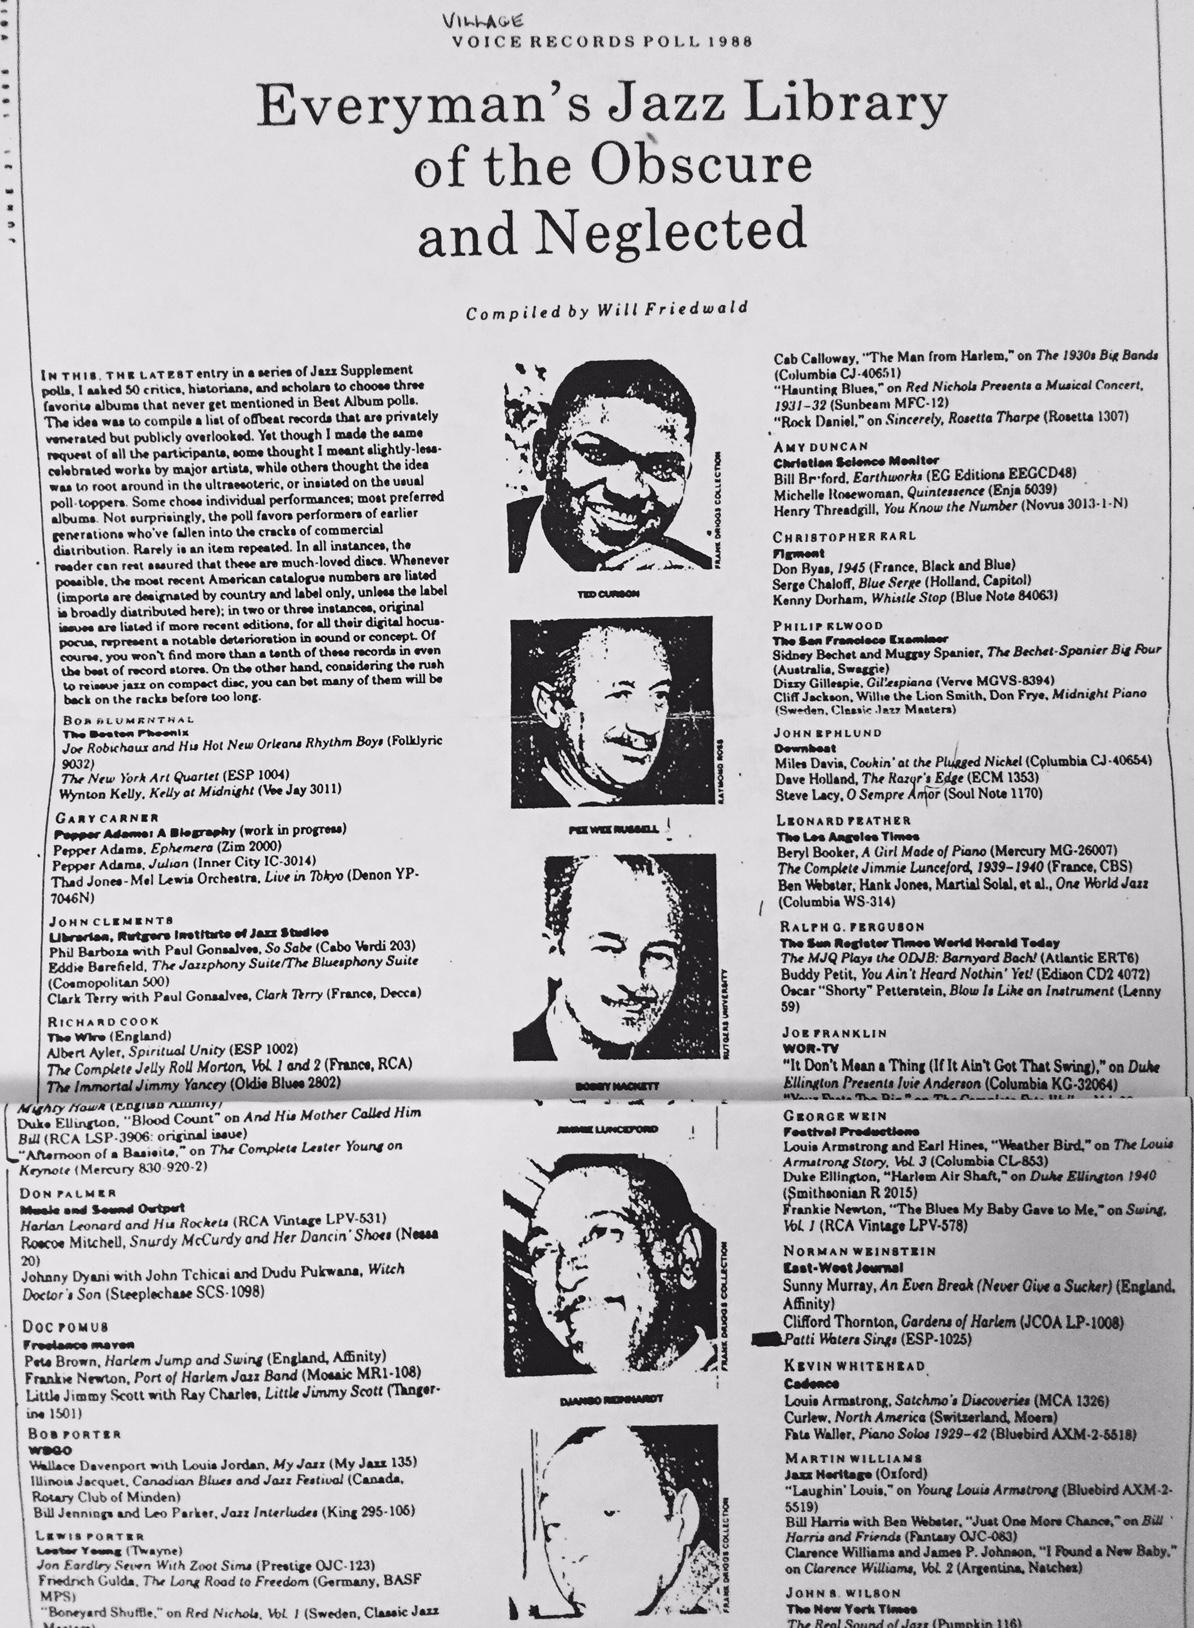 Village Voice Poll 1988